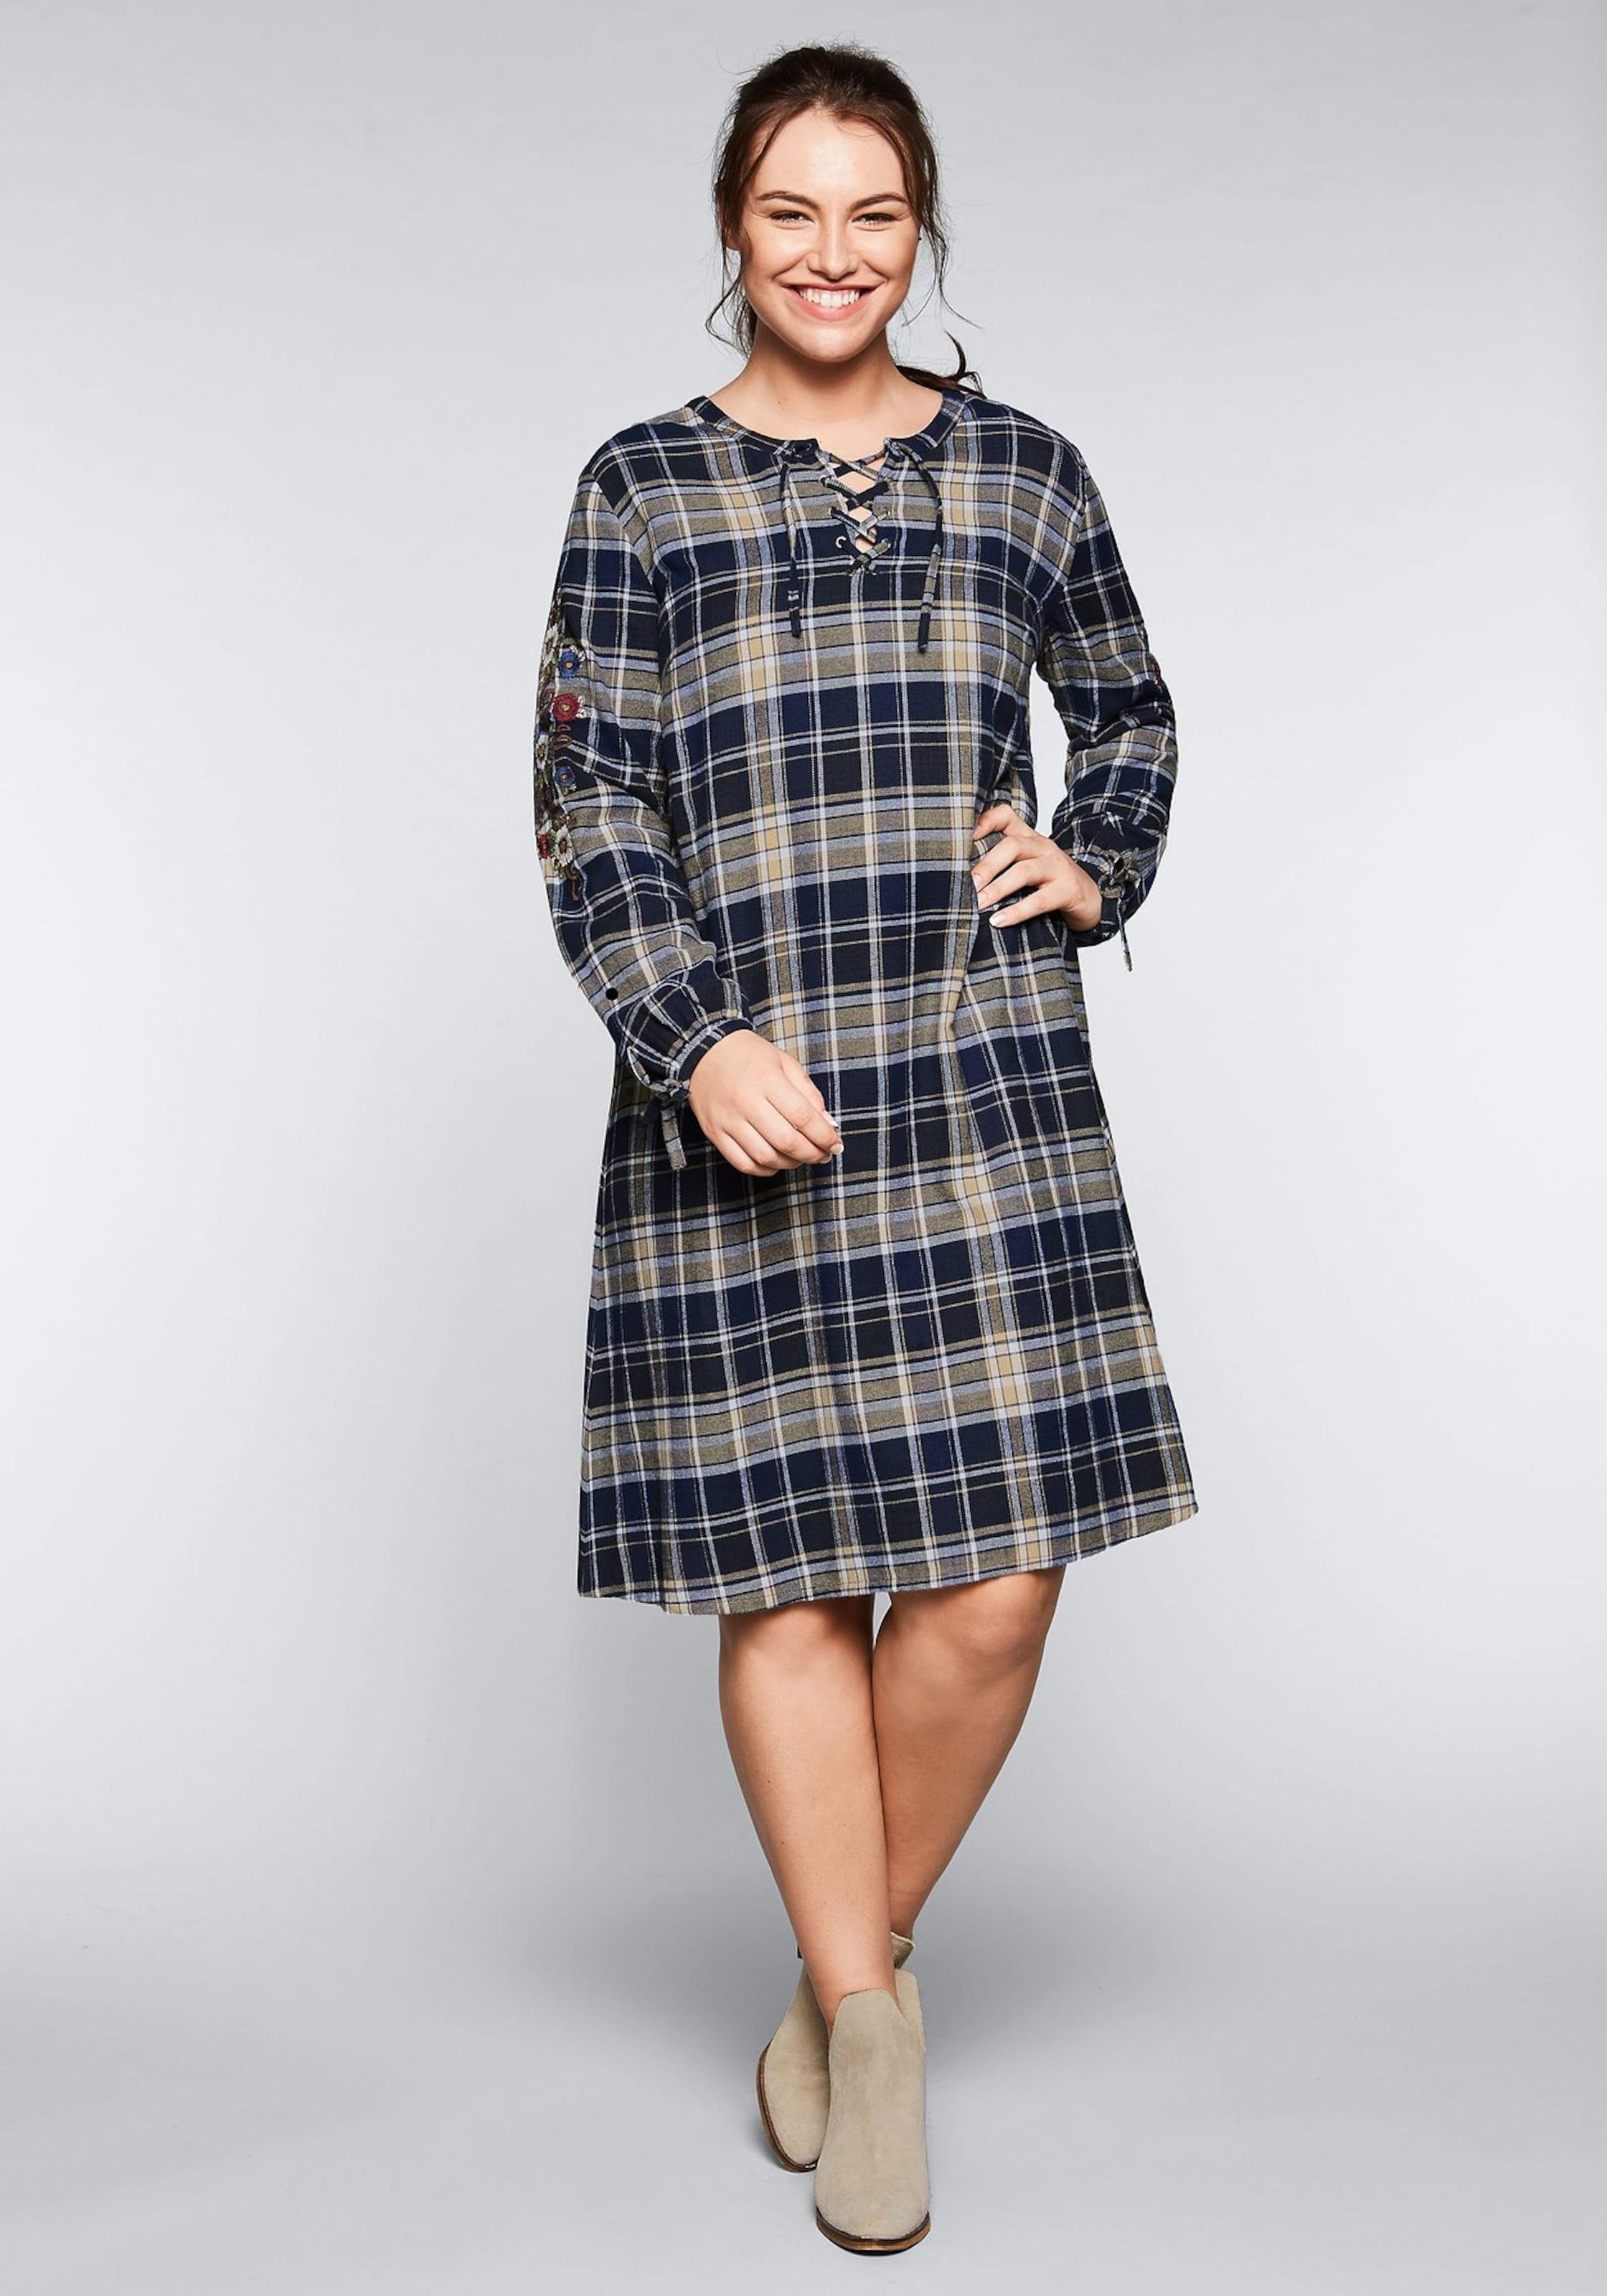 In In In Sheego Sheego NachtblauMischfarben NachtblauMischfarben In Kleid Sheego NachtblauMischfarben Kleid Kleid Sheego Kleid H92DEI